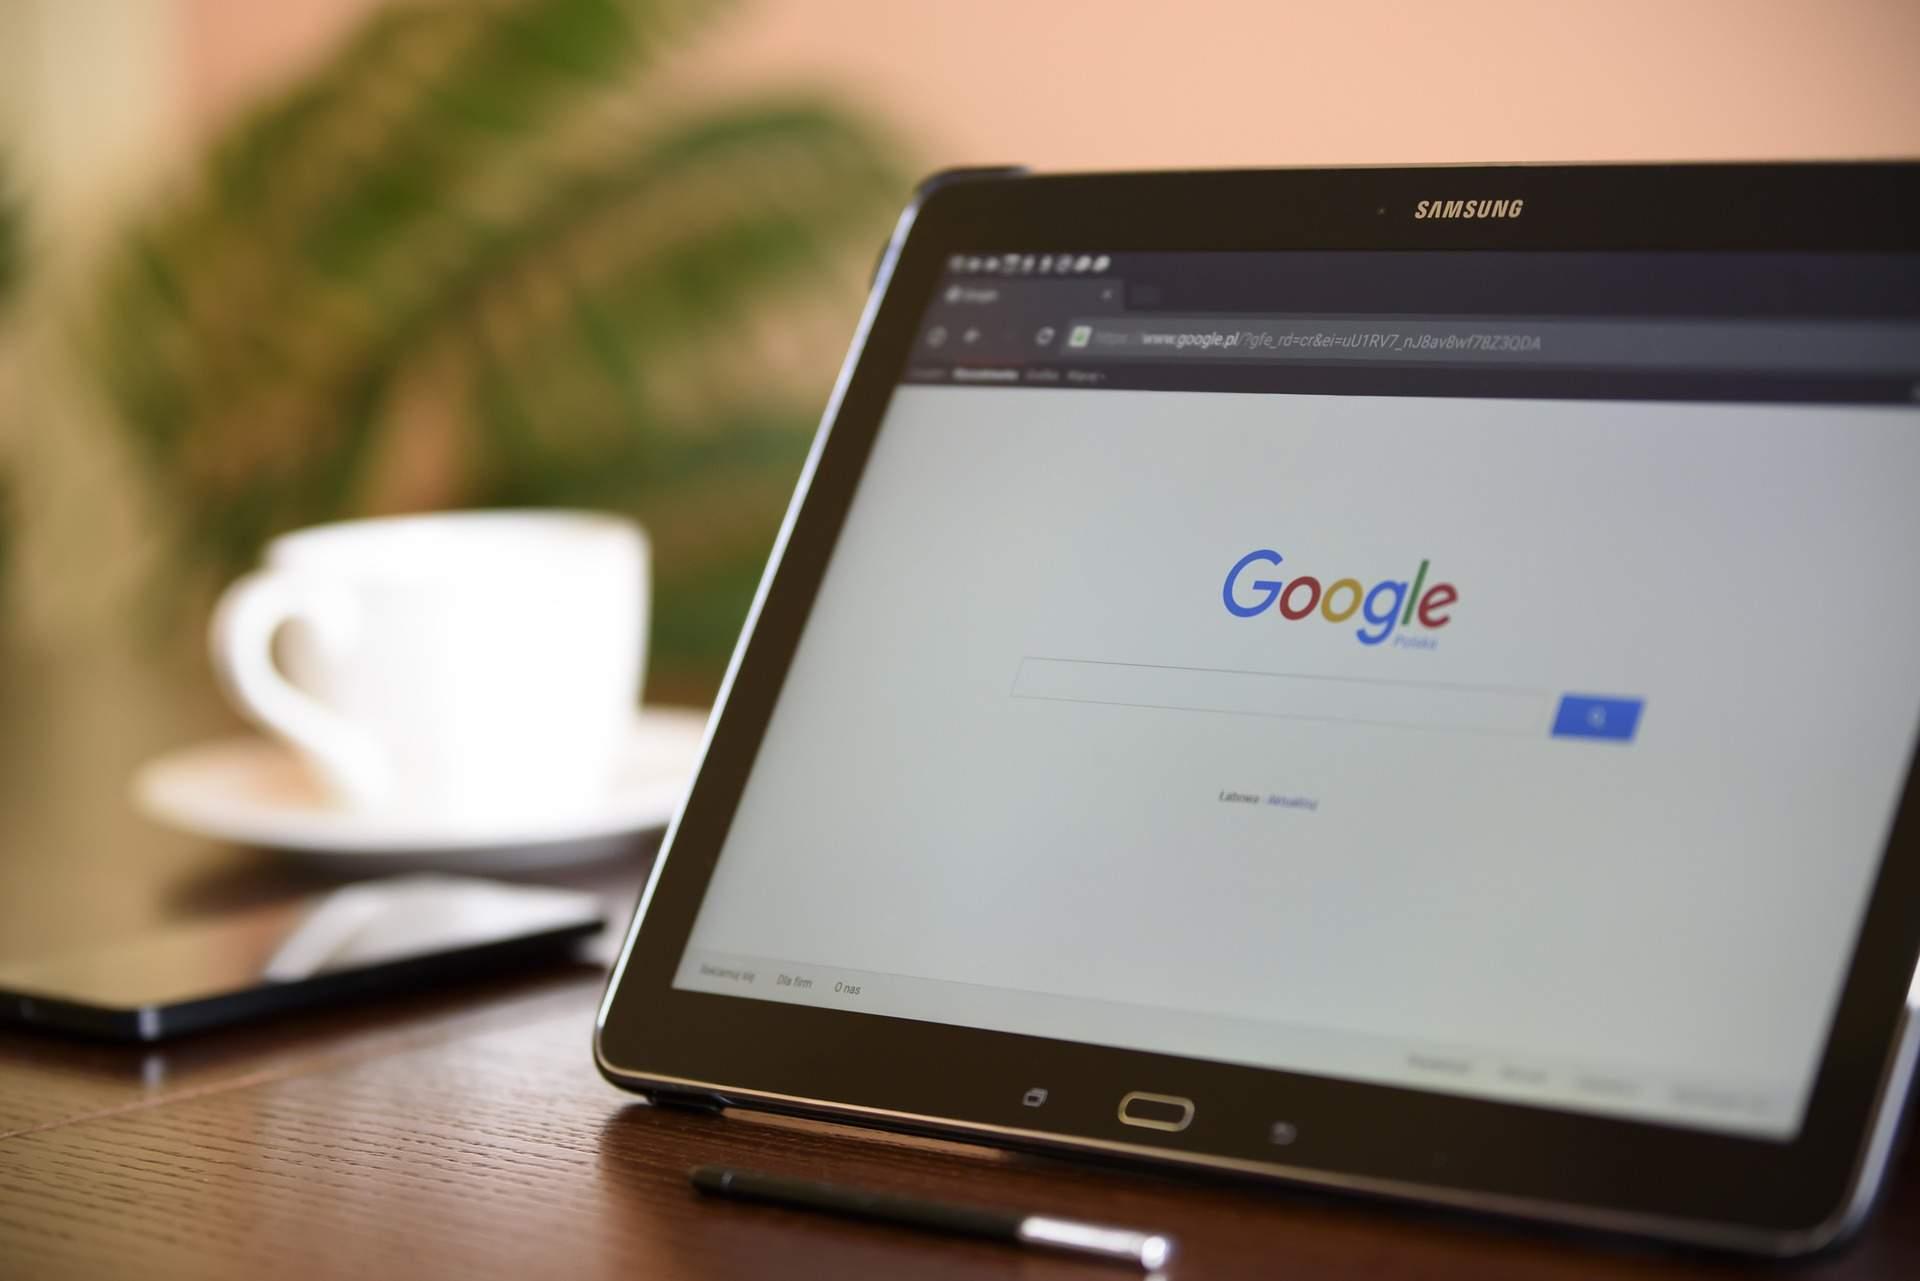 Busca do Google considera definição da Wikipédia que chama Bitcoin de bolha